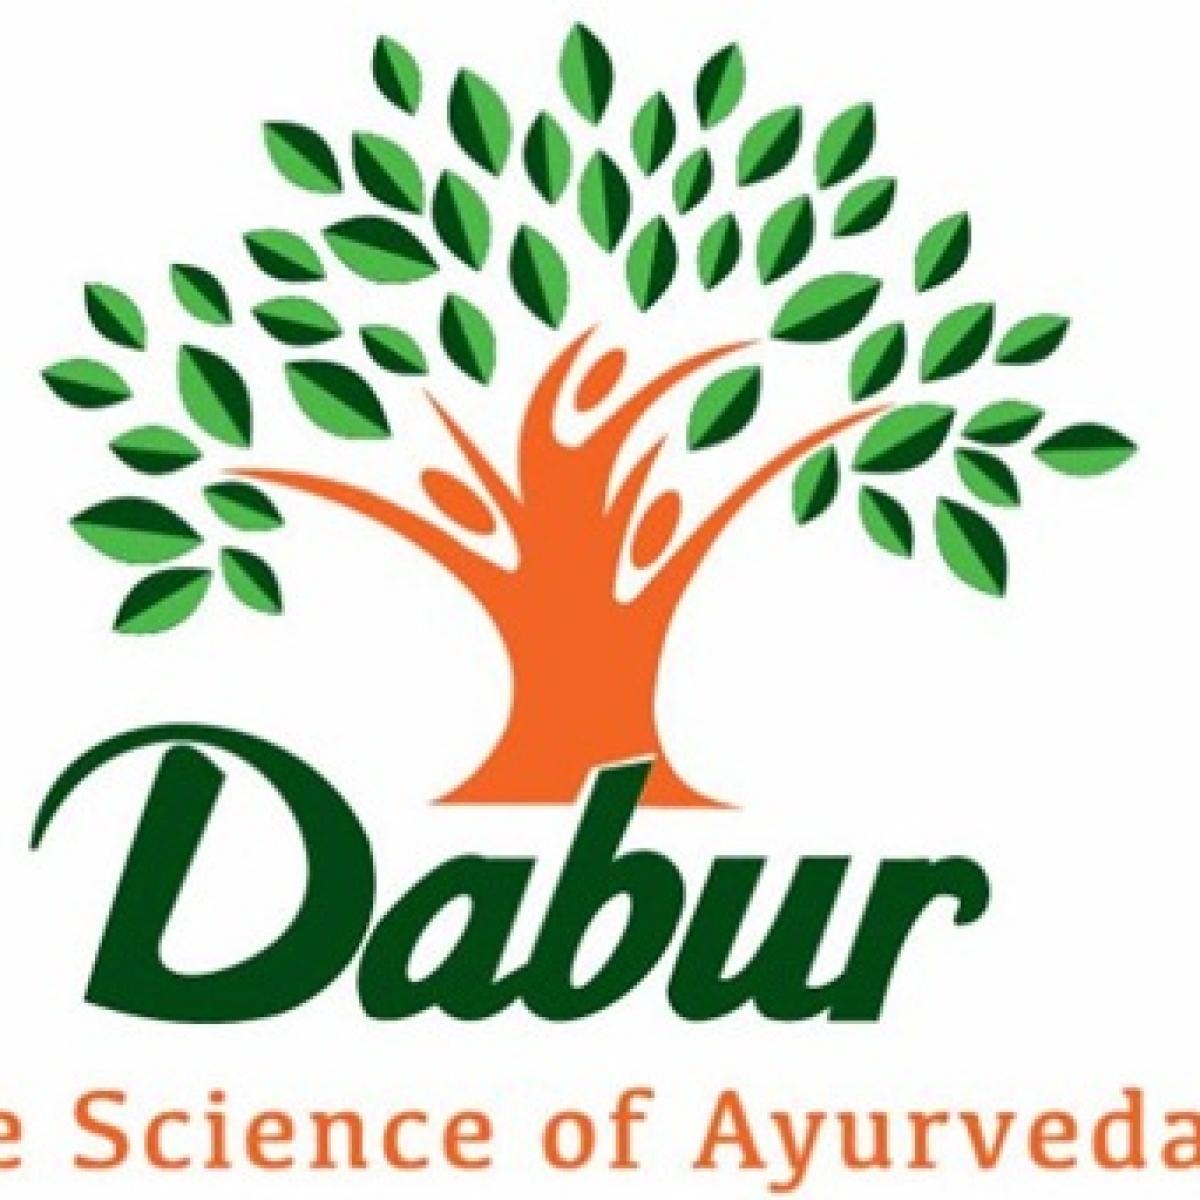 Dabur India Q2 consolidate net profit up 7 pc at Rs 403 crore